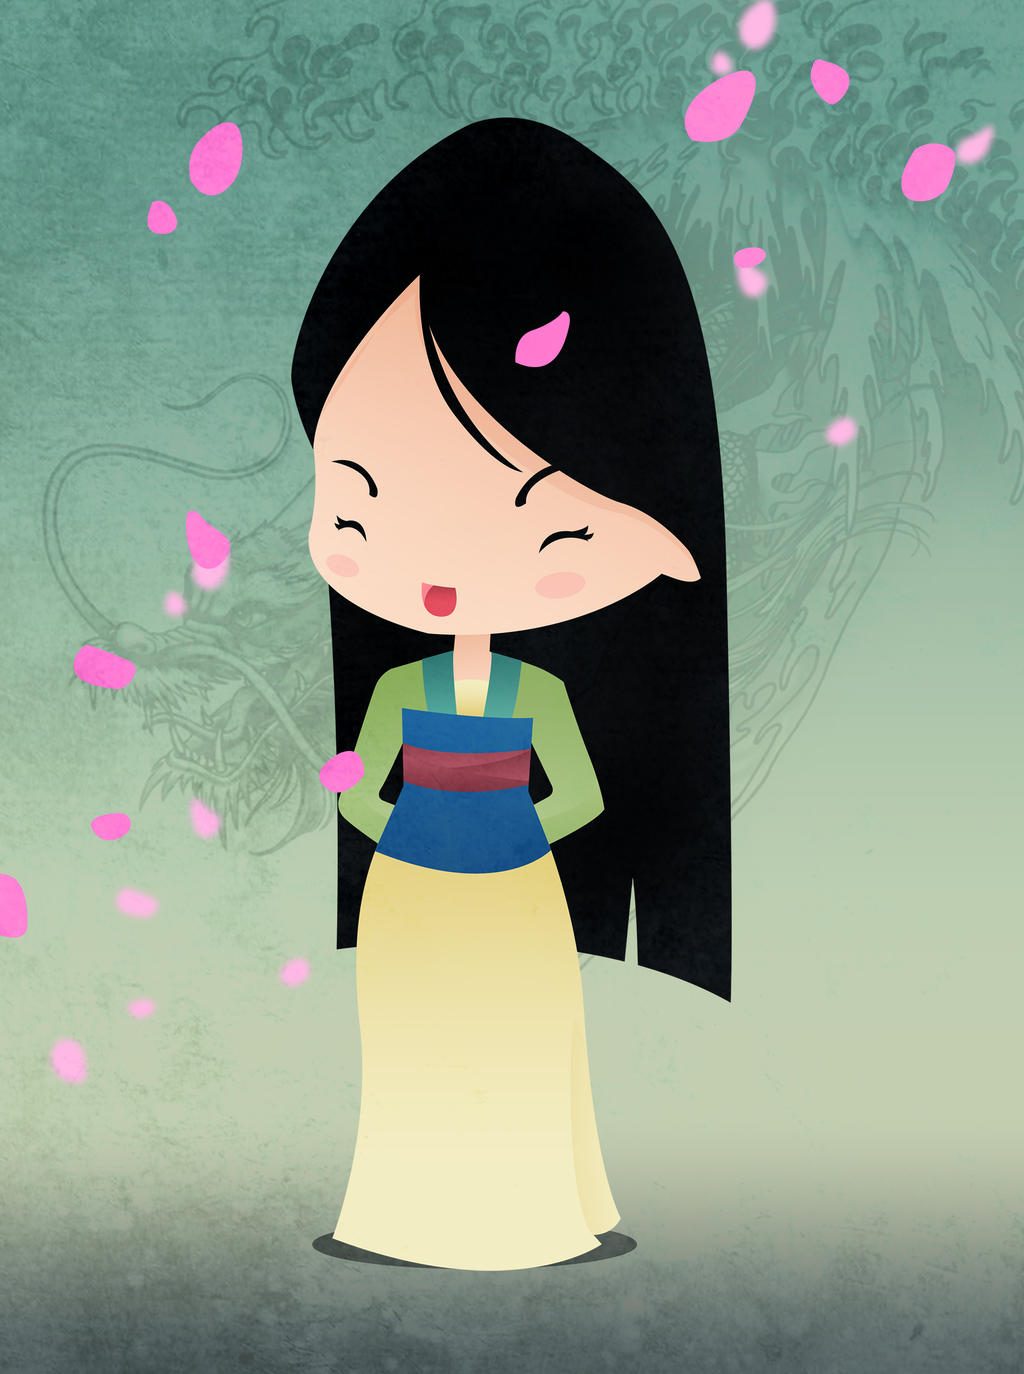 Disney Princesses Mulan